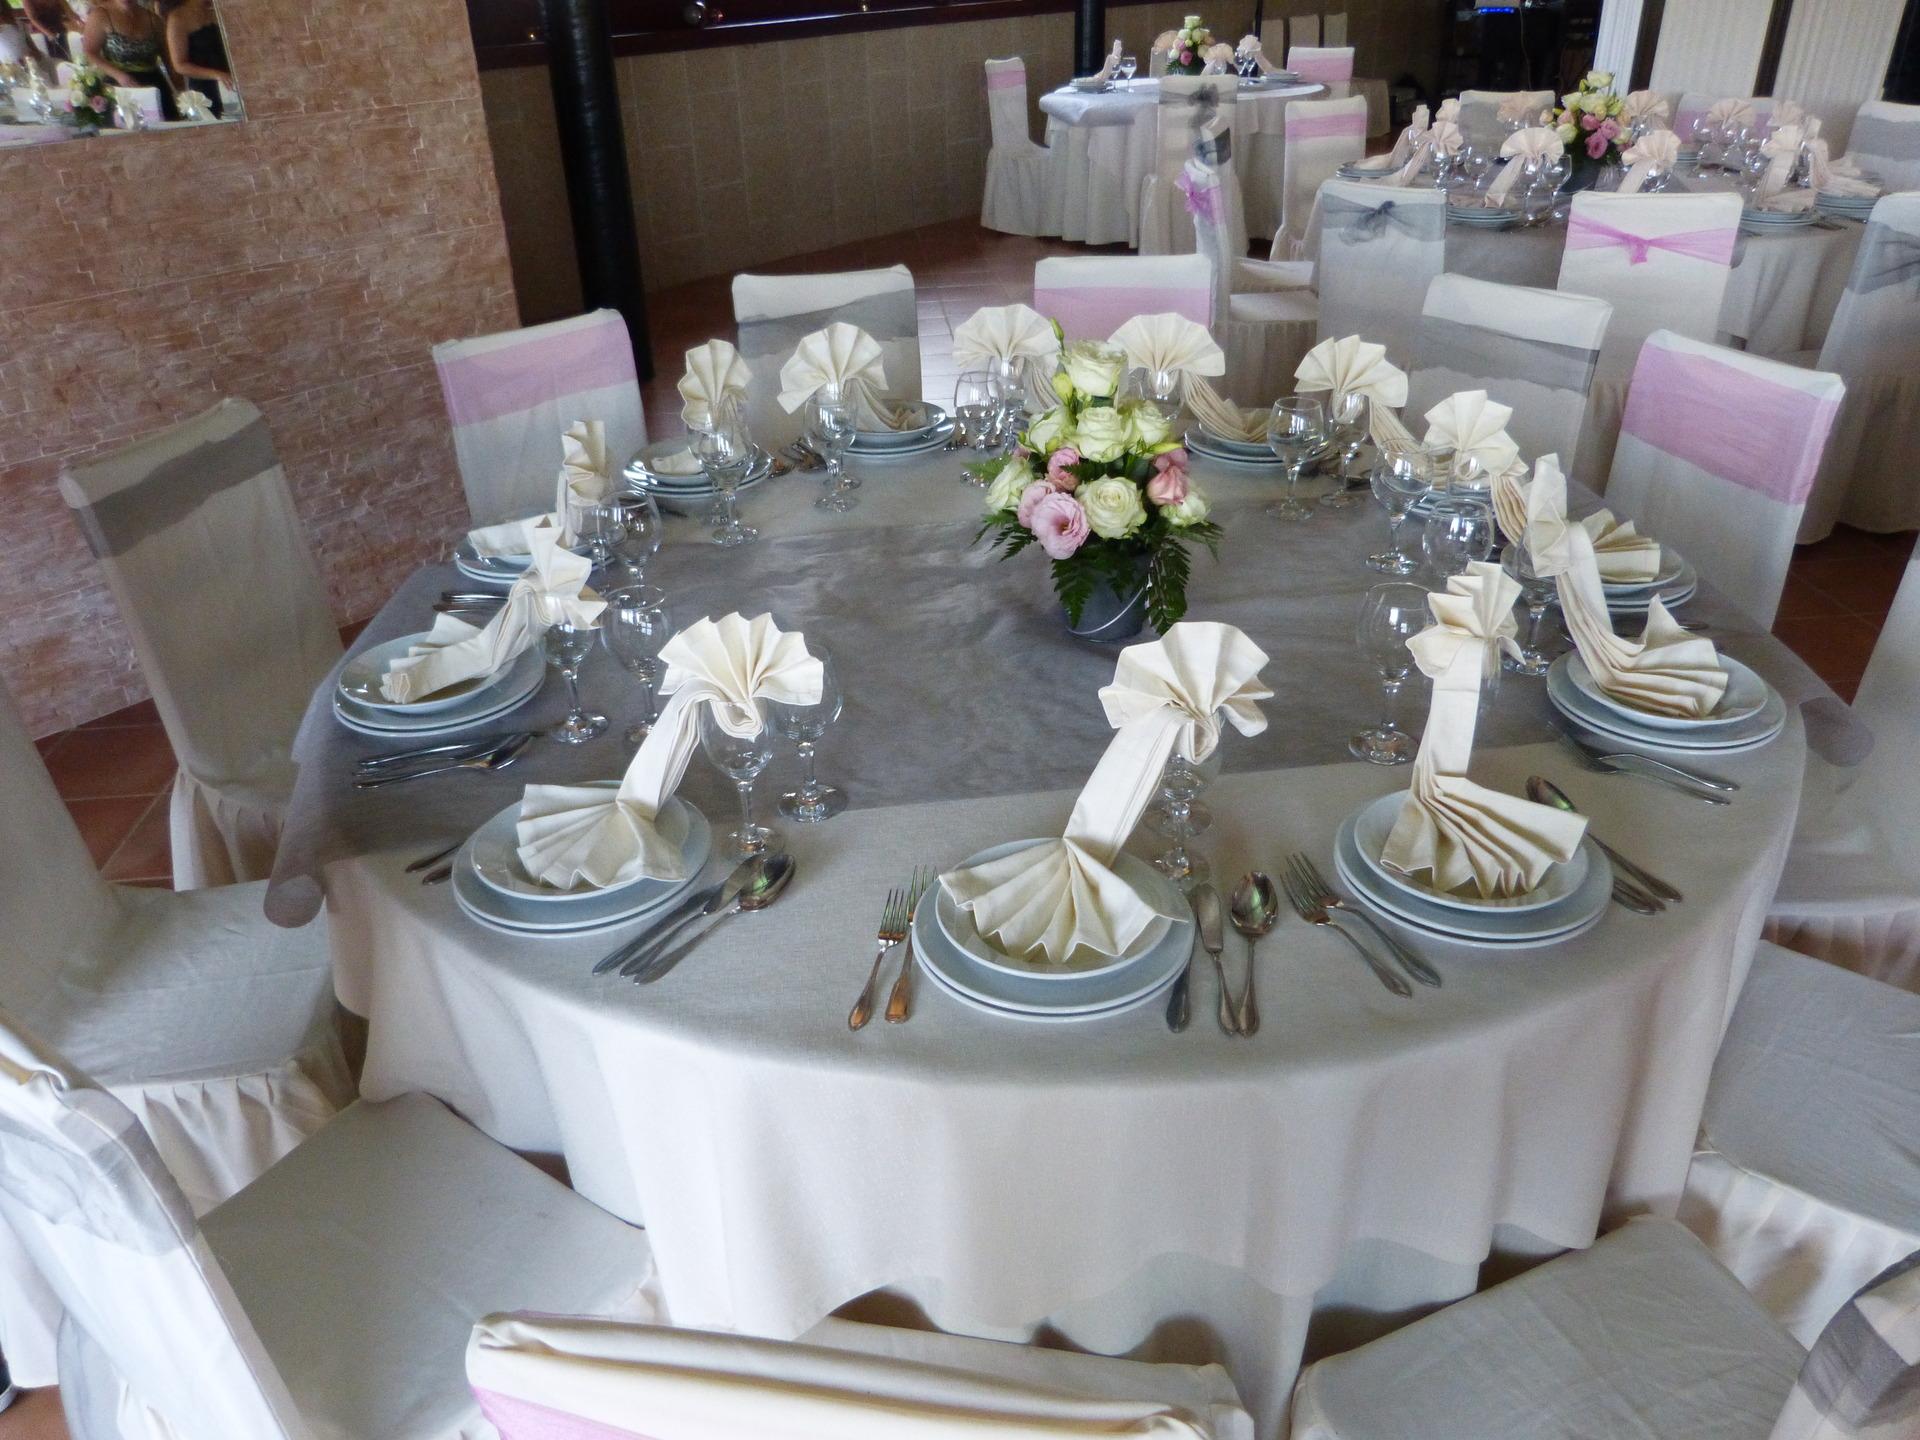 cuisine-et-service-de-table-centre-de-table-decoration-plan-de-10243261-p1040571-365da-87f62_big